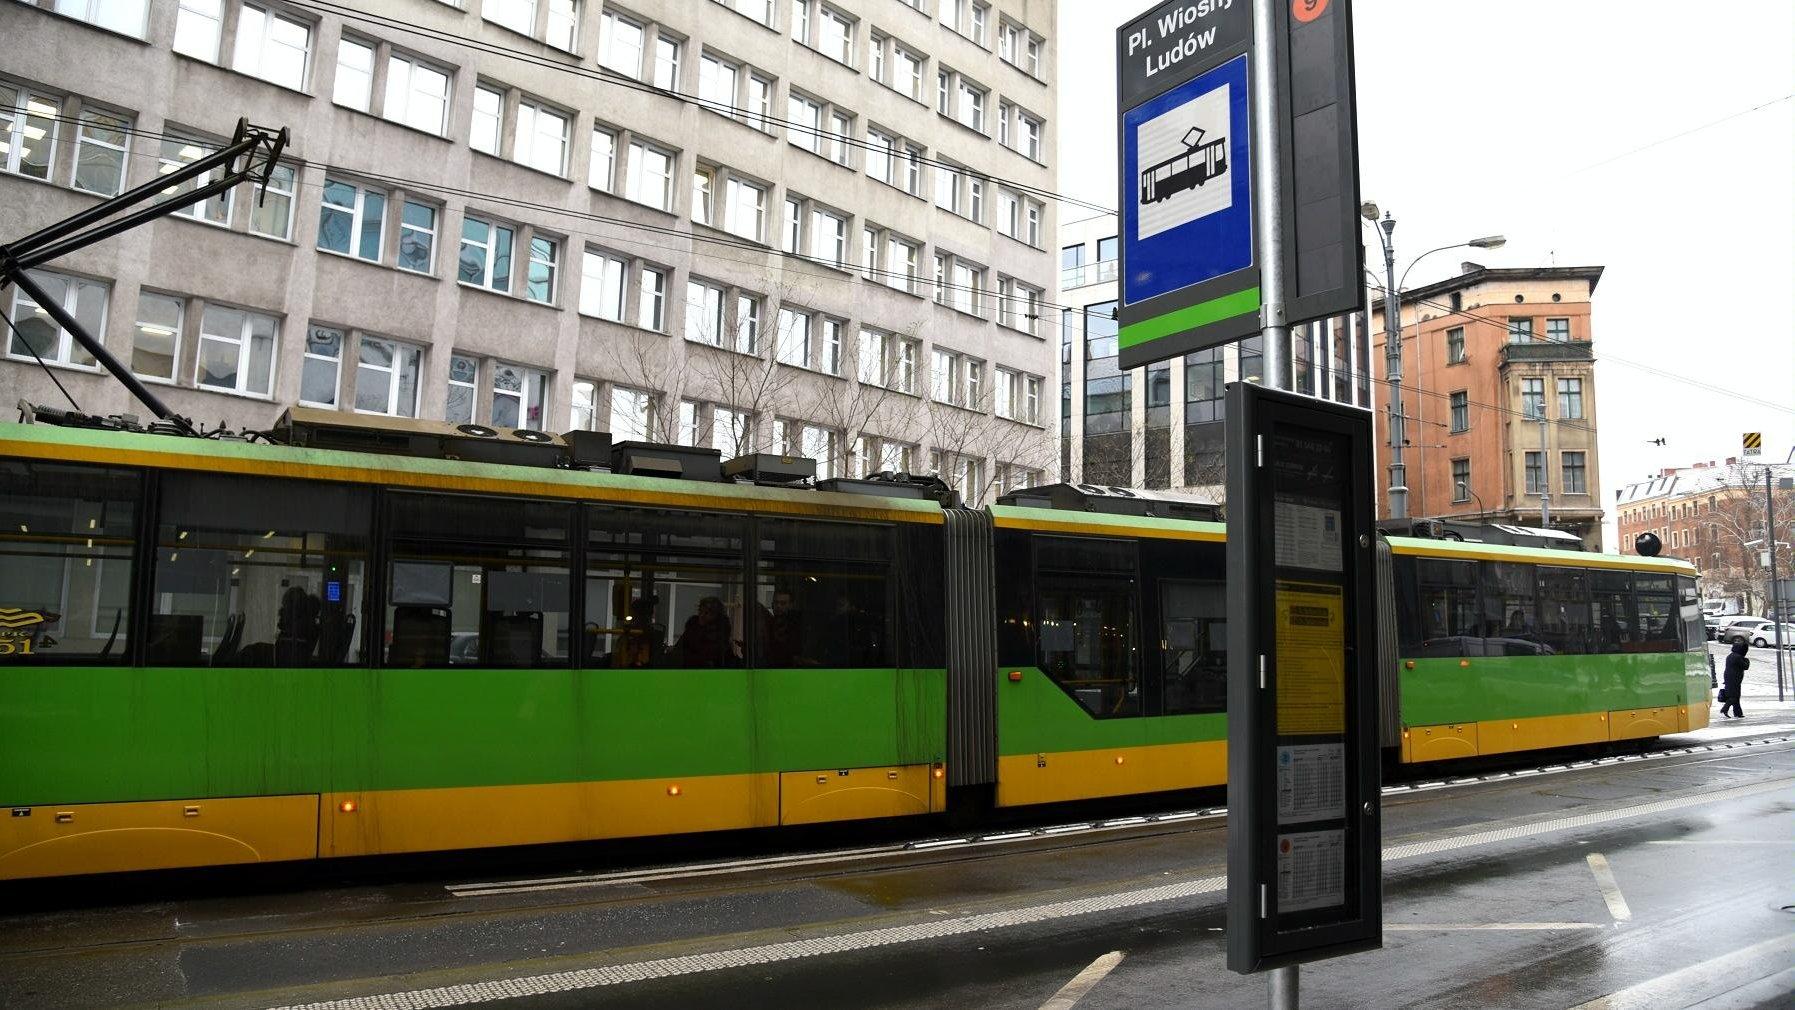 Zdjęcie przedstawia słup przystankowy przy ul. Strzeleckiej (nazwa przystanku to Pl. Wiosny Ludów). W tle widać tramwaj, ulicę i budynki. - grafika artykułu